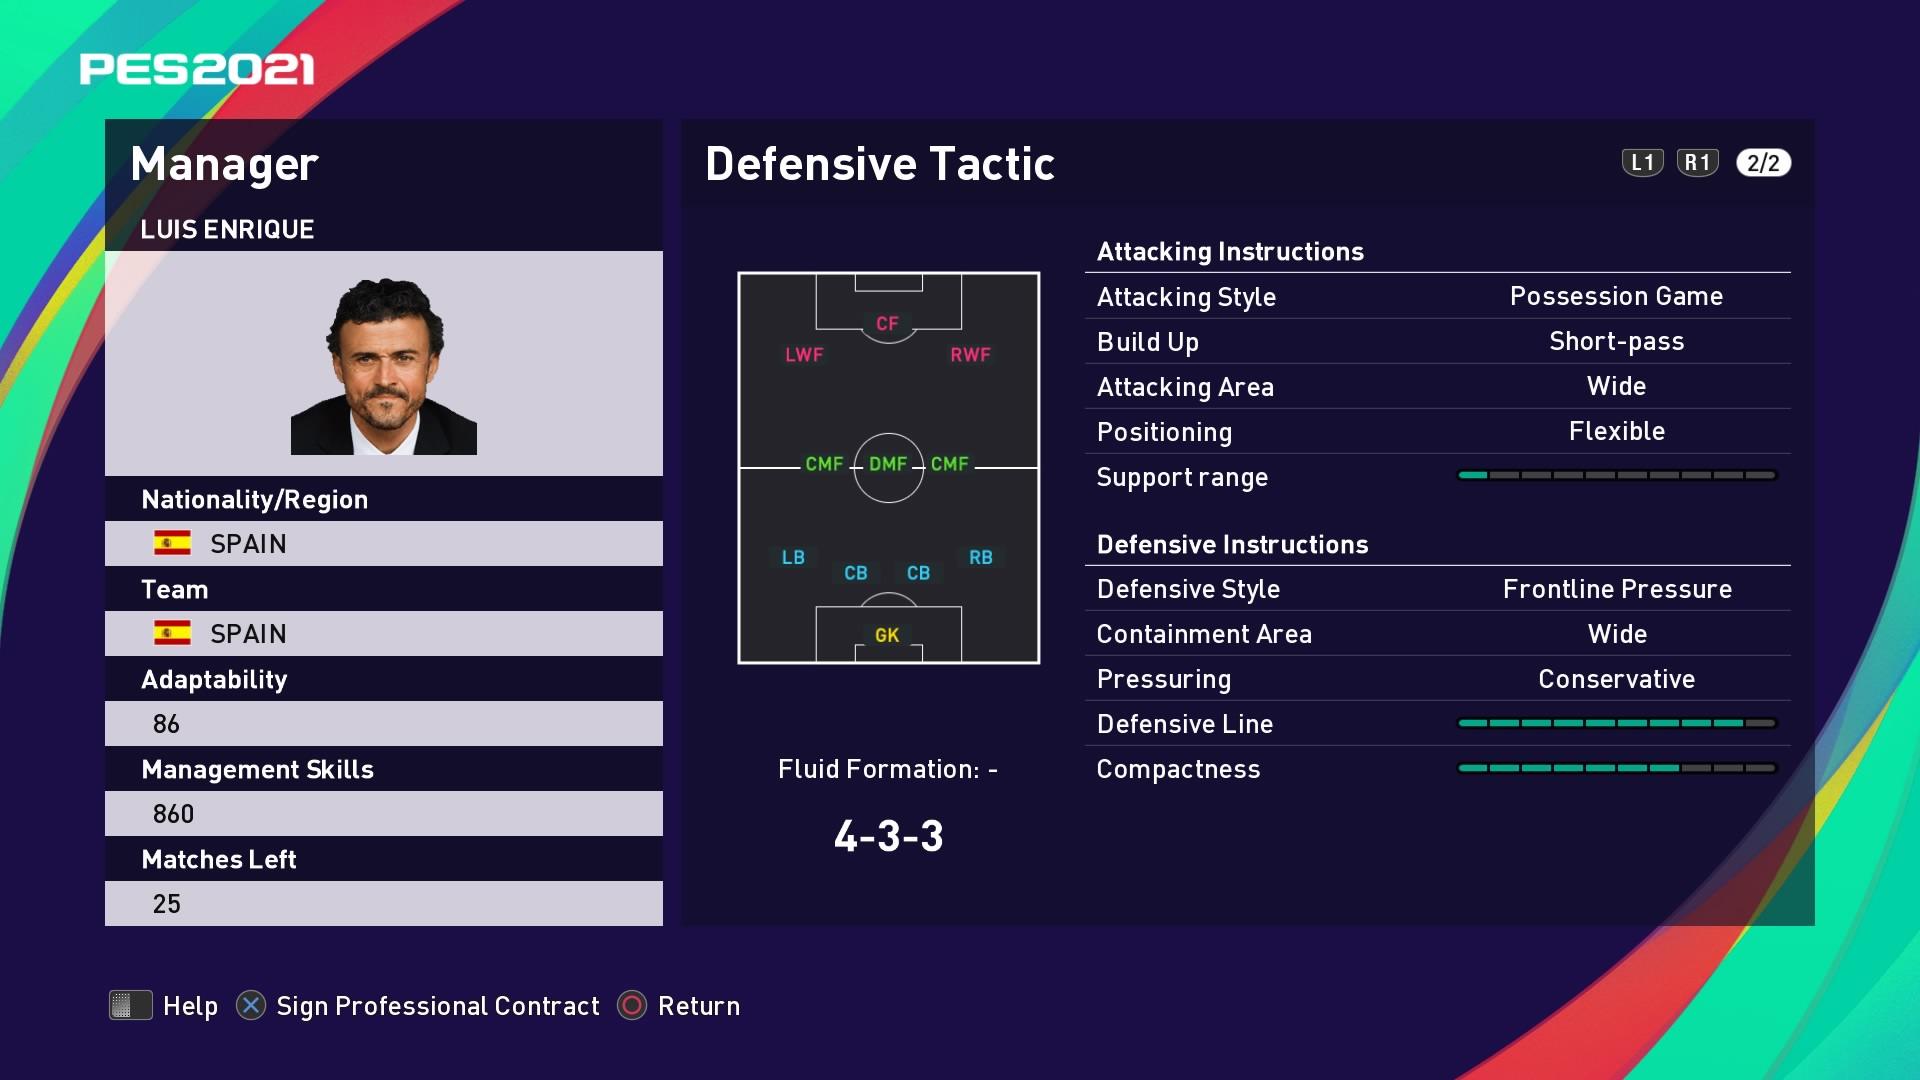 Luis Enrique Defensive Tactic in PES 2021 myClub